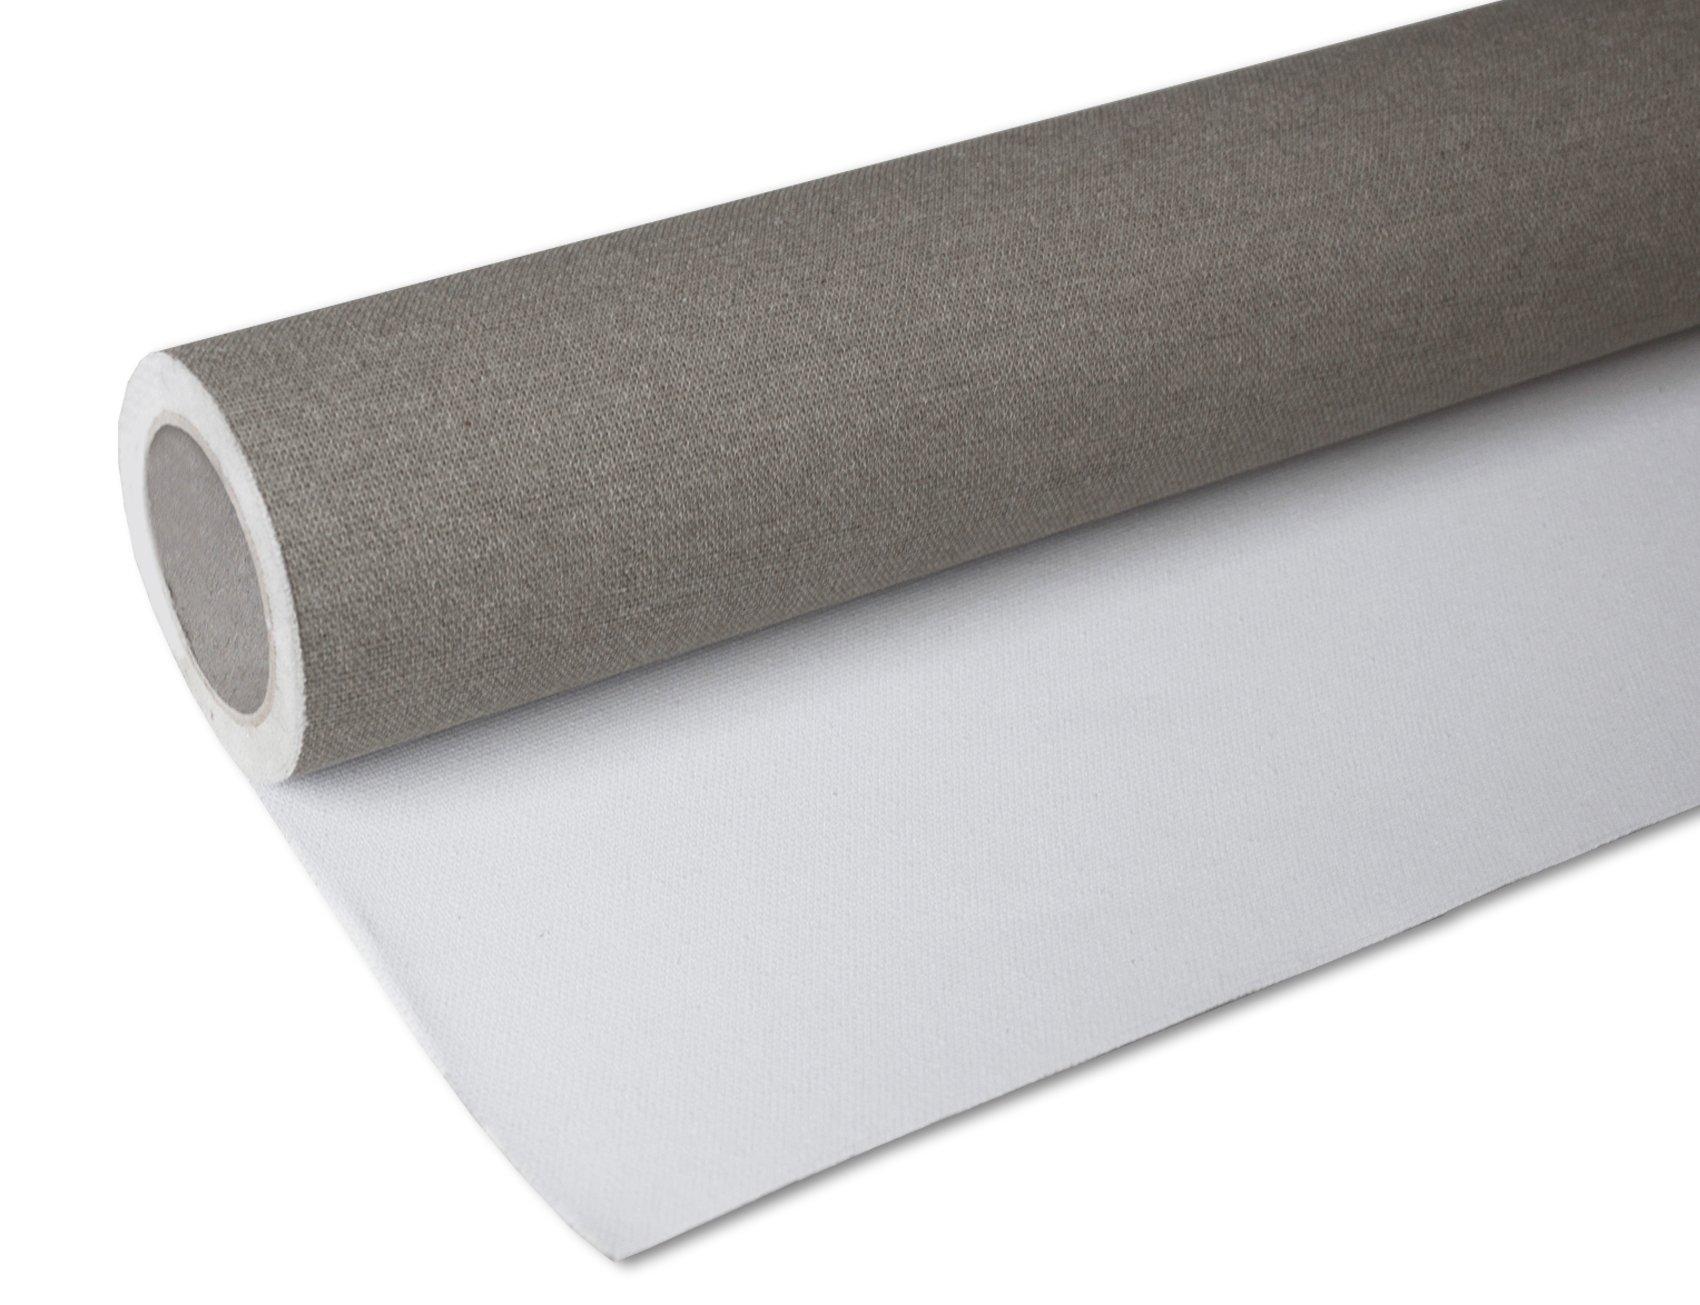 Arte & Arte 7178 - Rollo de Lienzo de Pintura, de algodón, Blanco, de 80 cm de Altura y 10 Metros de Longitud: Amazon.es: Hogar